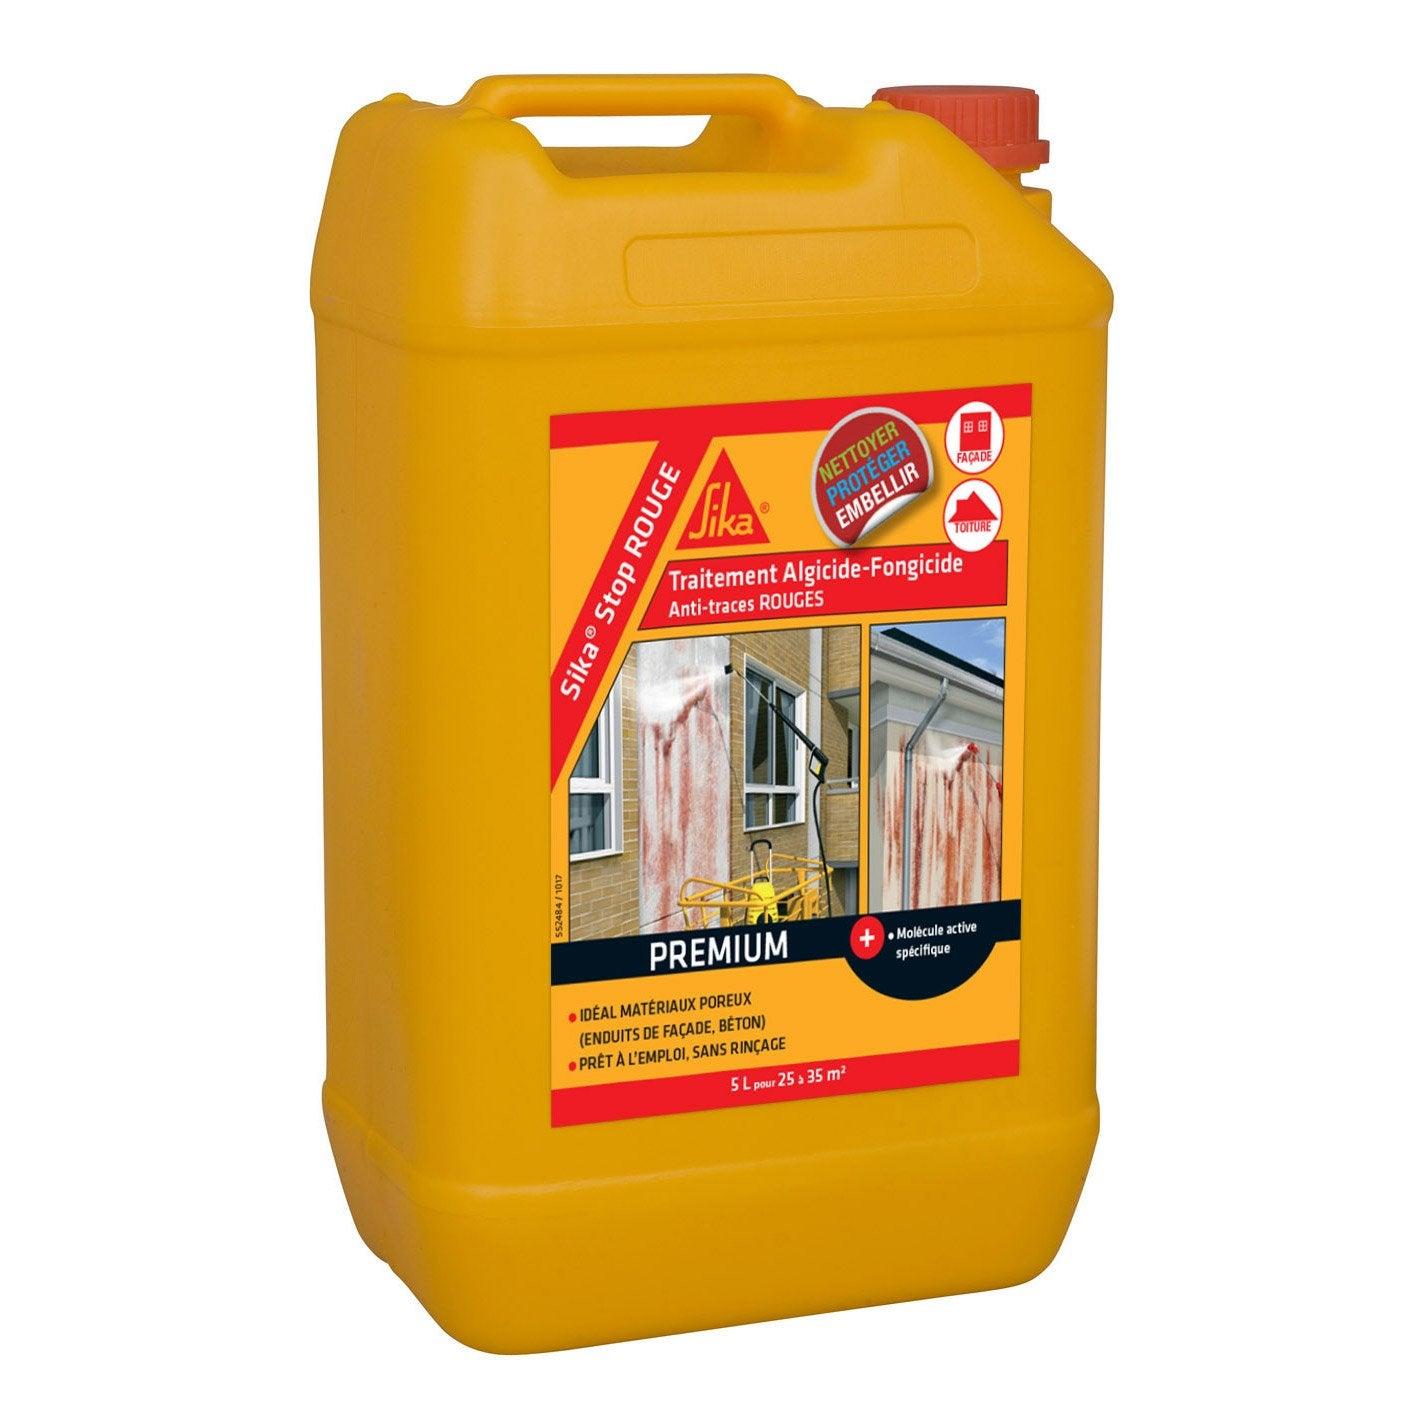 Anti Mousse Terrasse Beton traitement spécial antialgues rouges sika, 5 l